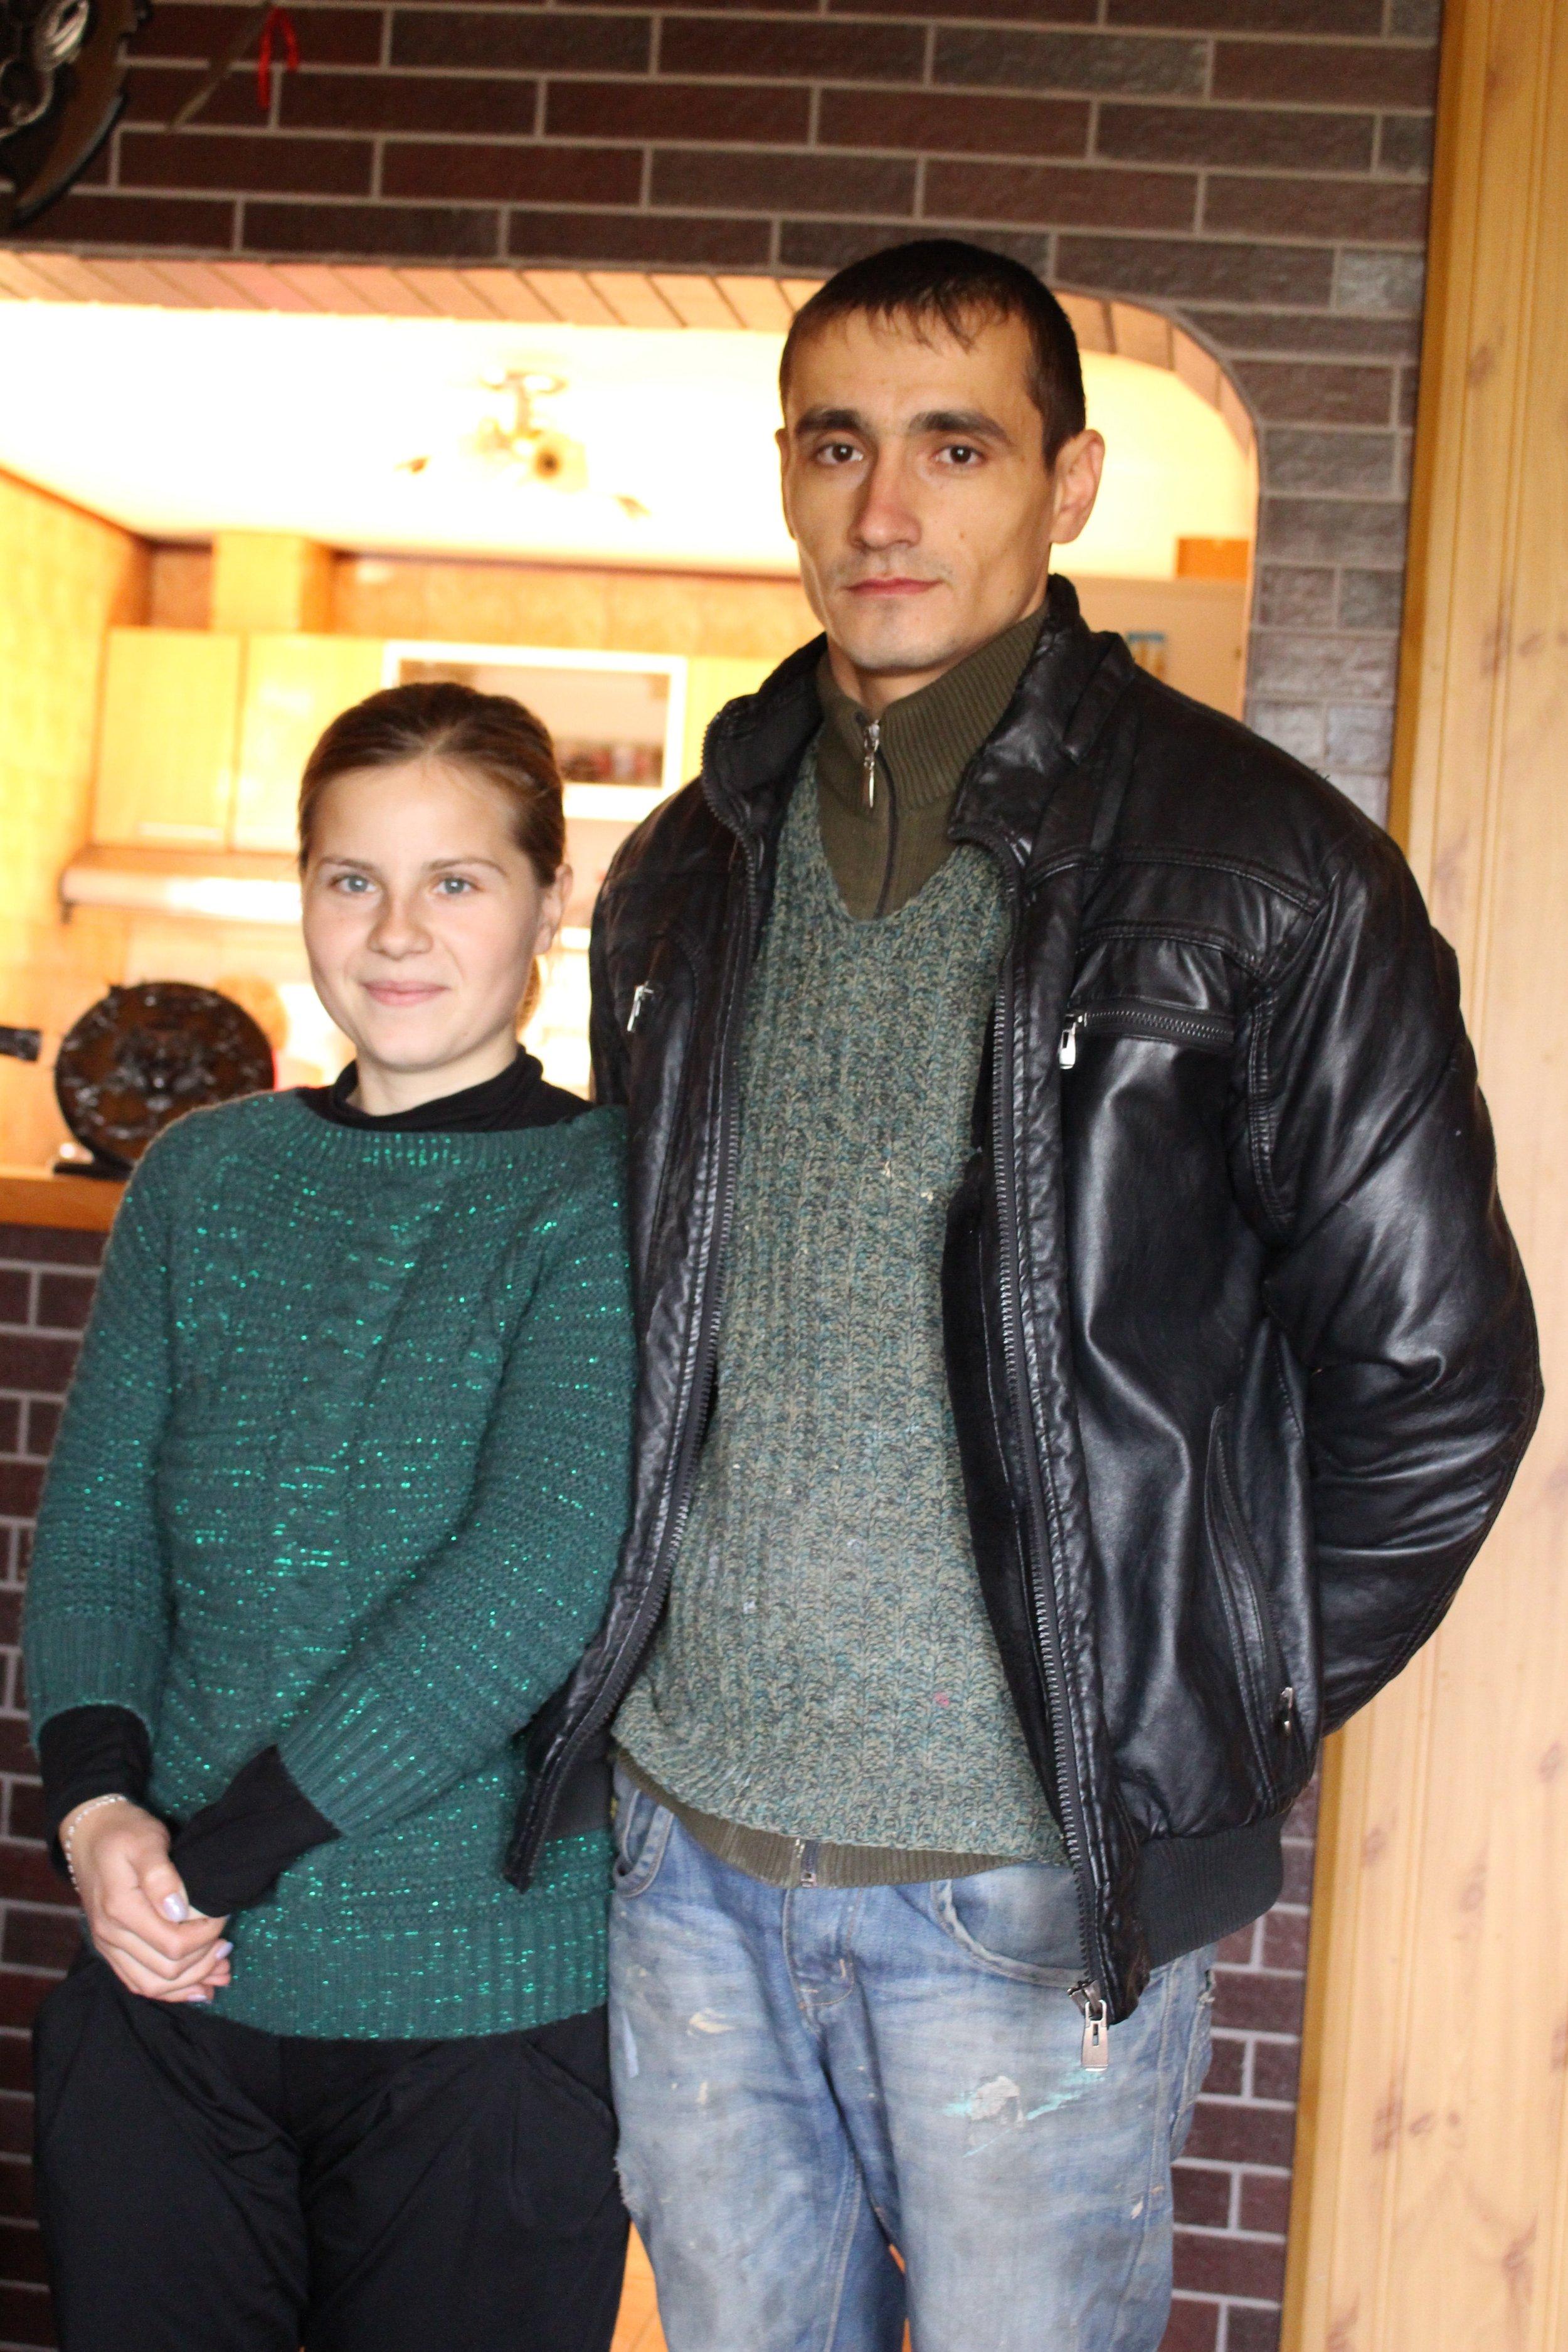 Sorin tillsammans med sin fru Veronika